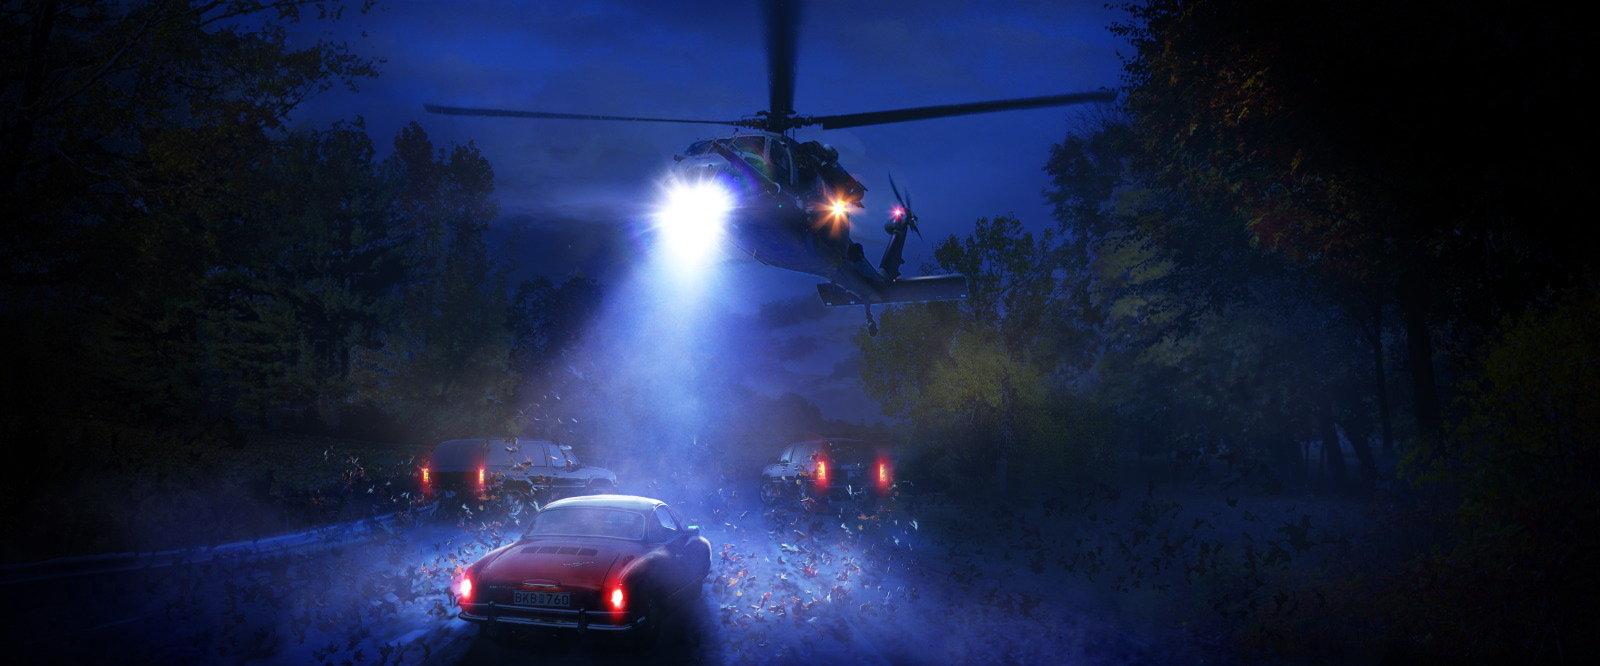 Imery watson ghia chopperv3 flattened